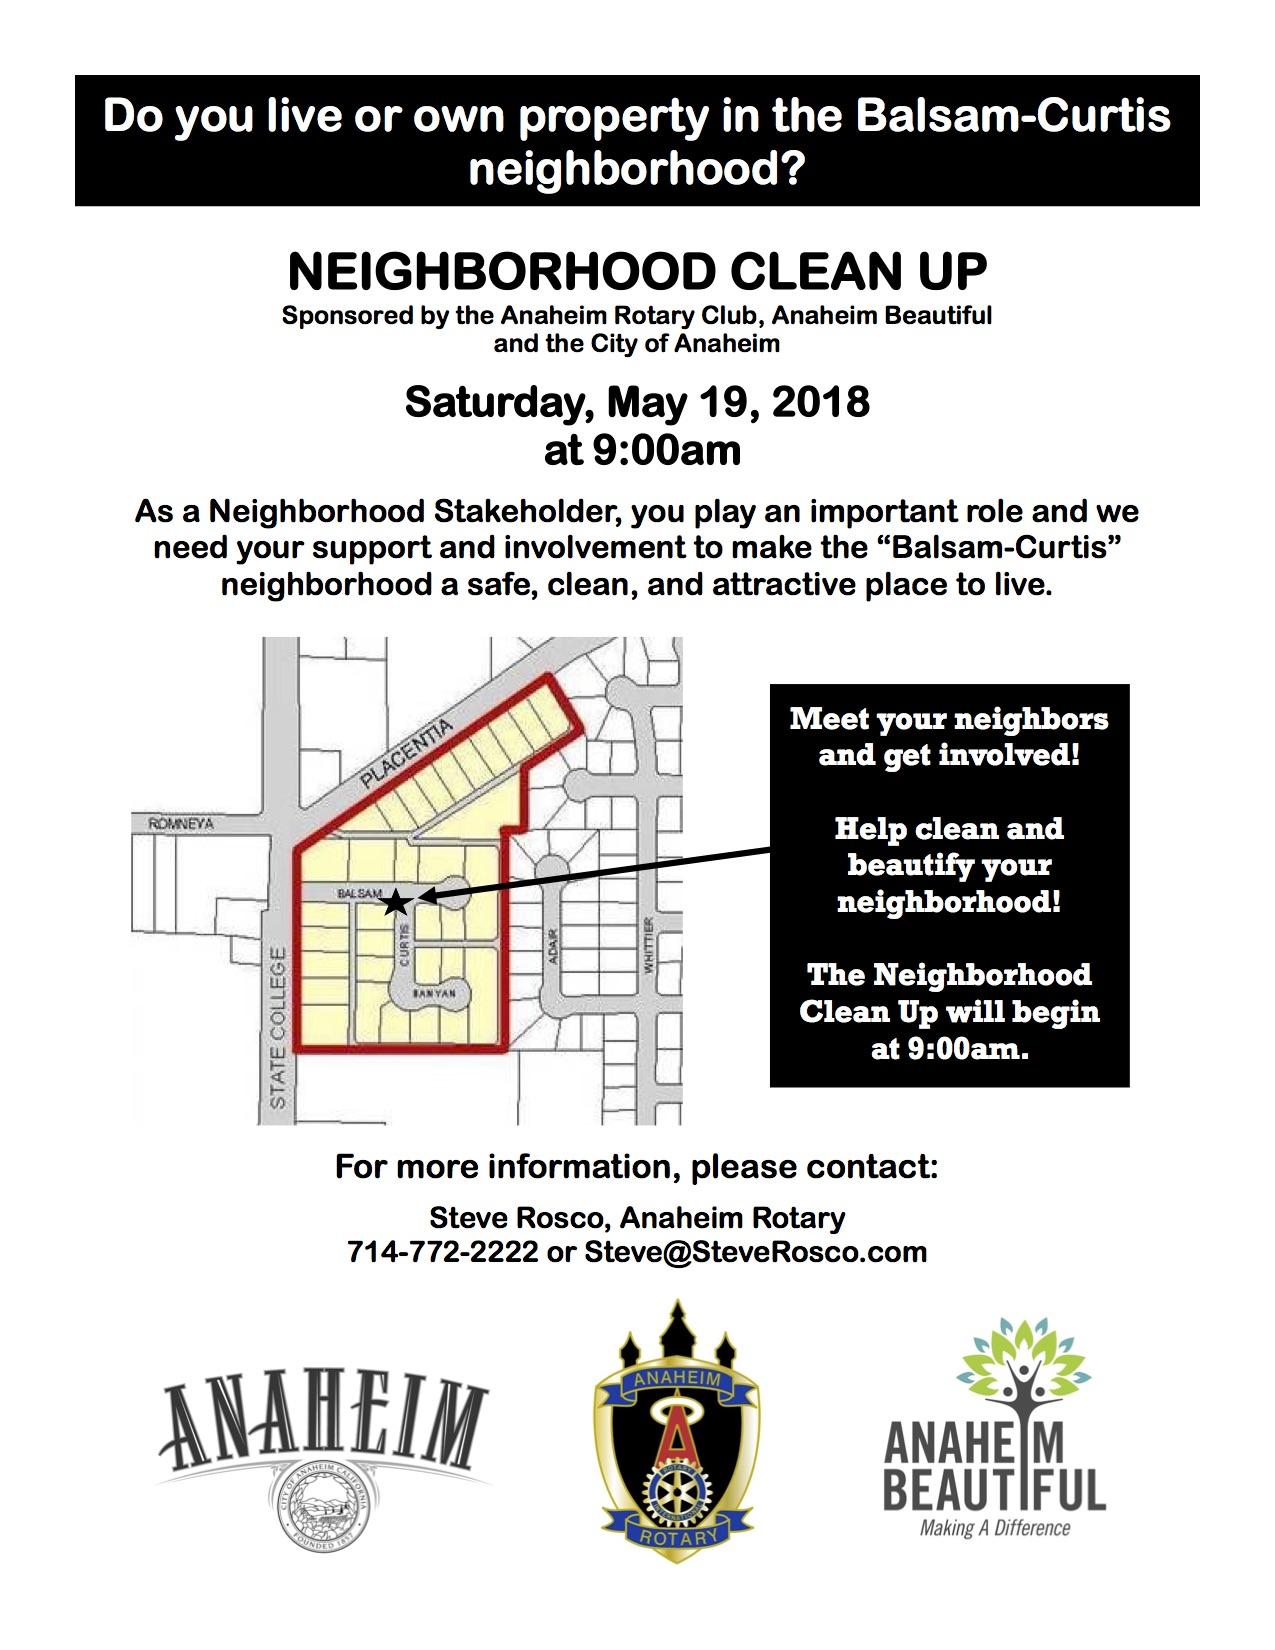 Spring Clean-Up Scheduled – Anaheim Beautiful